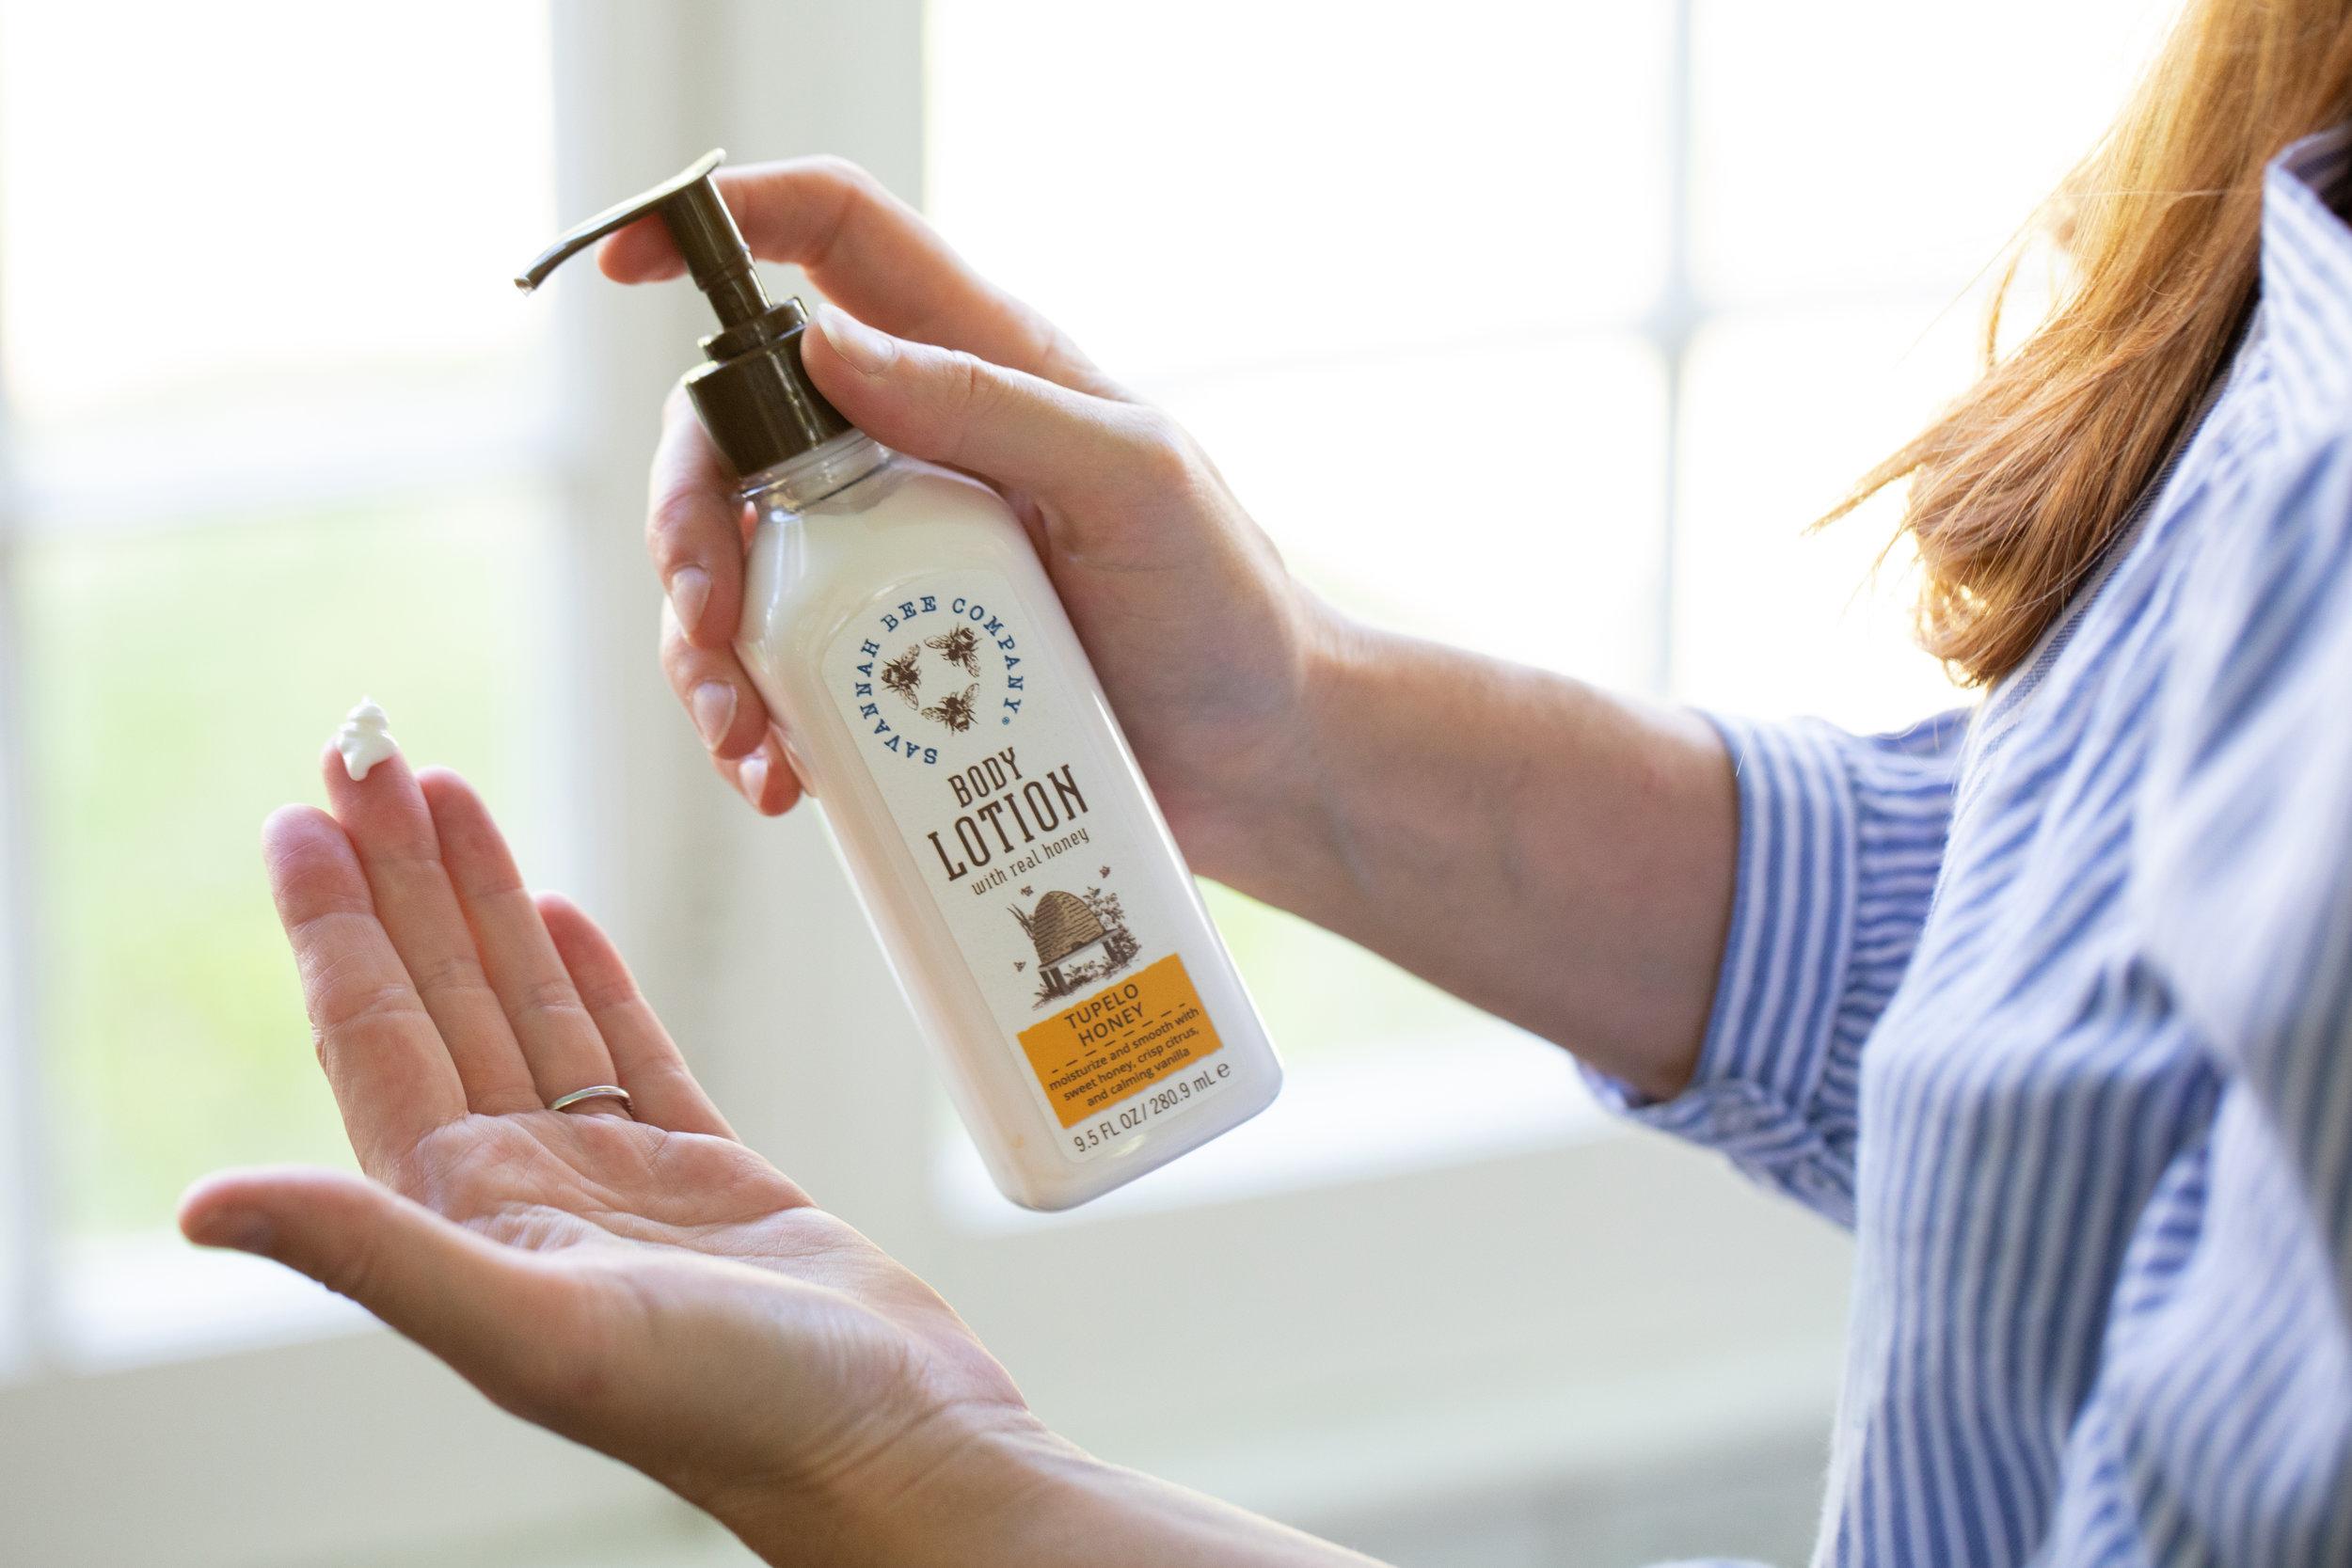 savannah-bee-company-body-lotion-tupelo-honey-blog.jpg